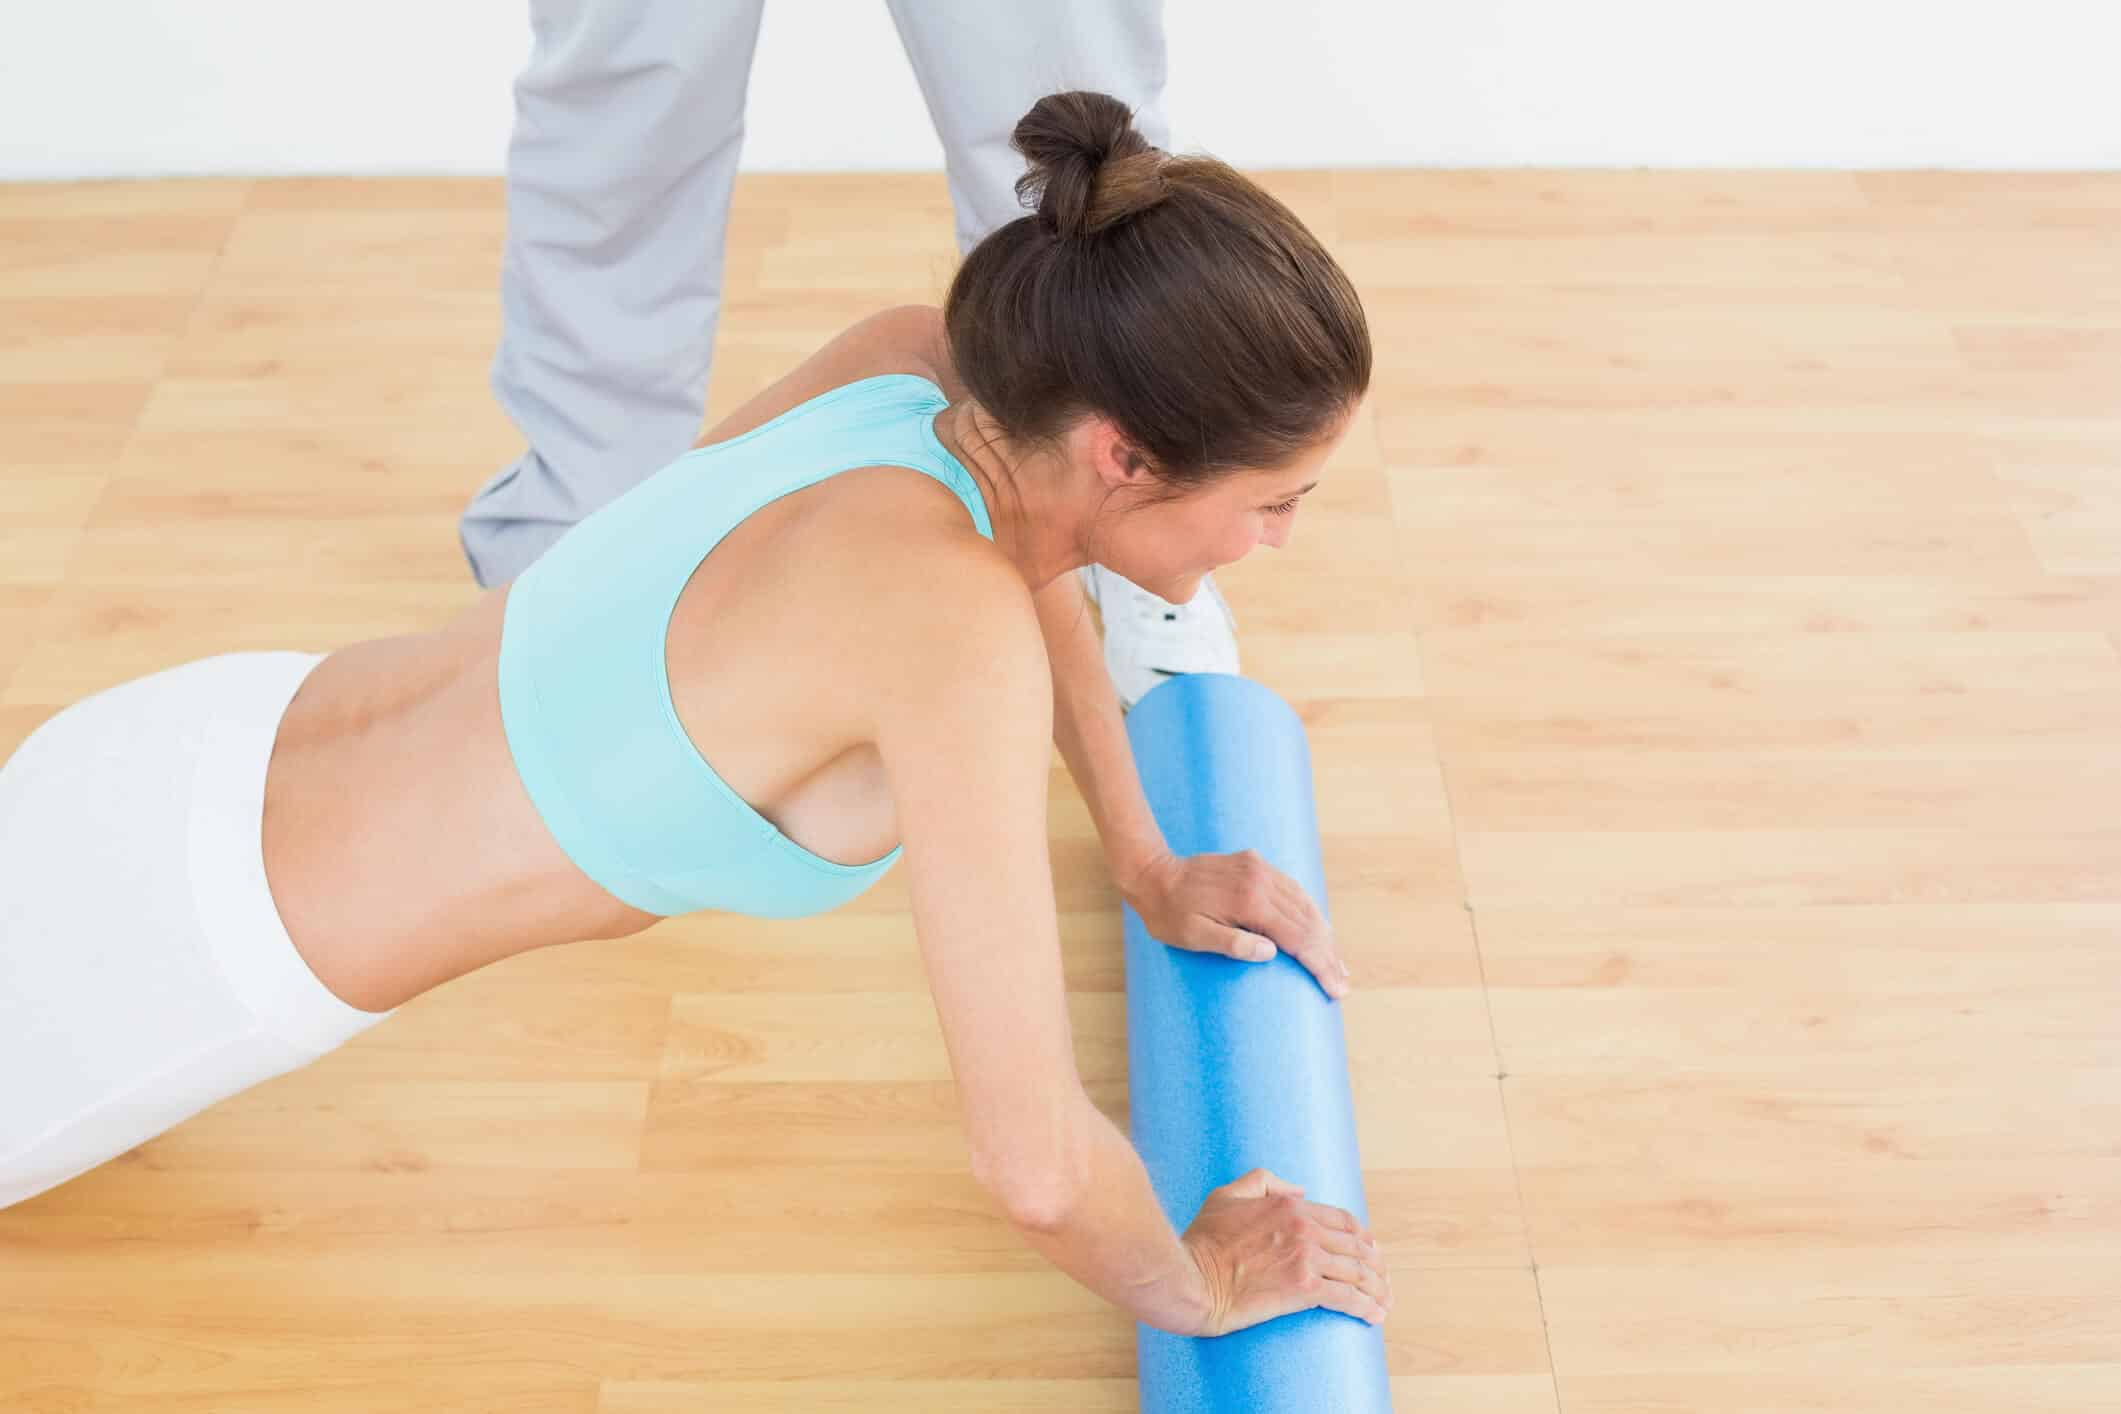 Os 5 benefícios para quem alia quiropraxia e musculação